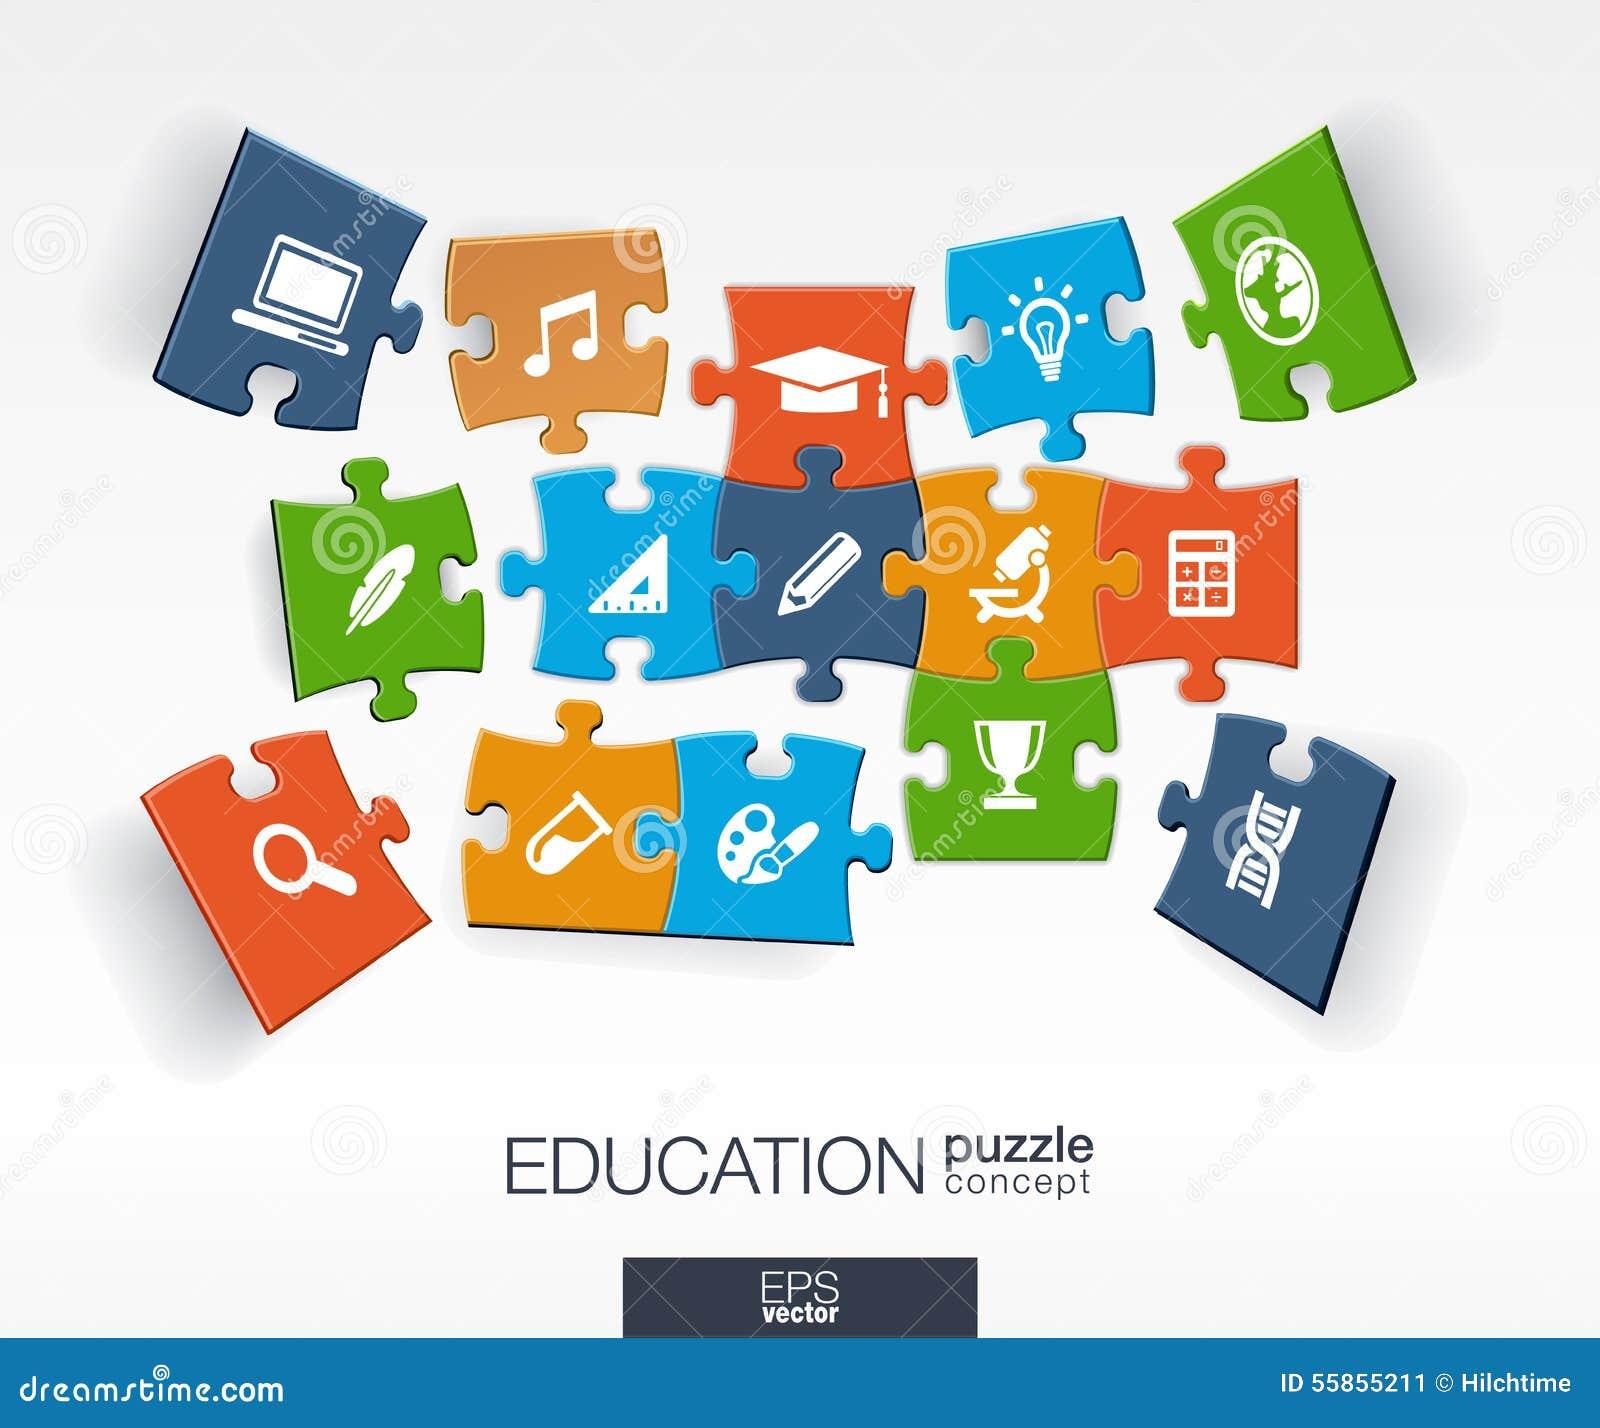 Fundo abstrato da educação, enigmas conectados da cor, ícones lisos integrados 3d conceito infographic com escola, ciência